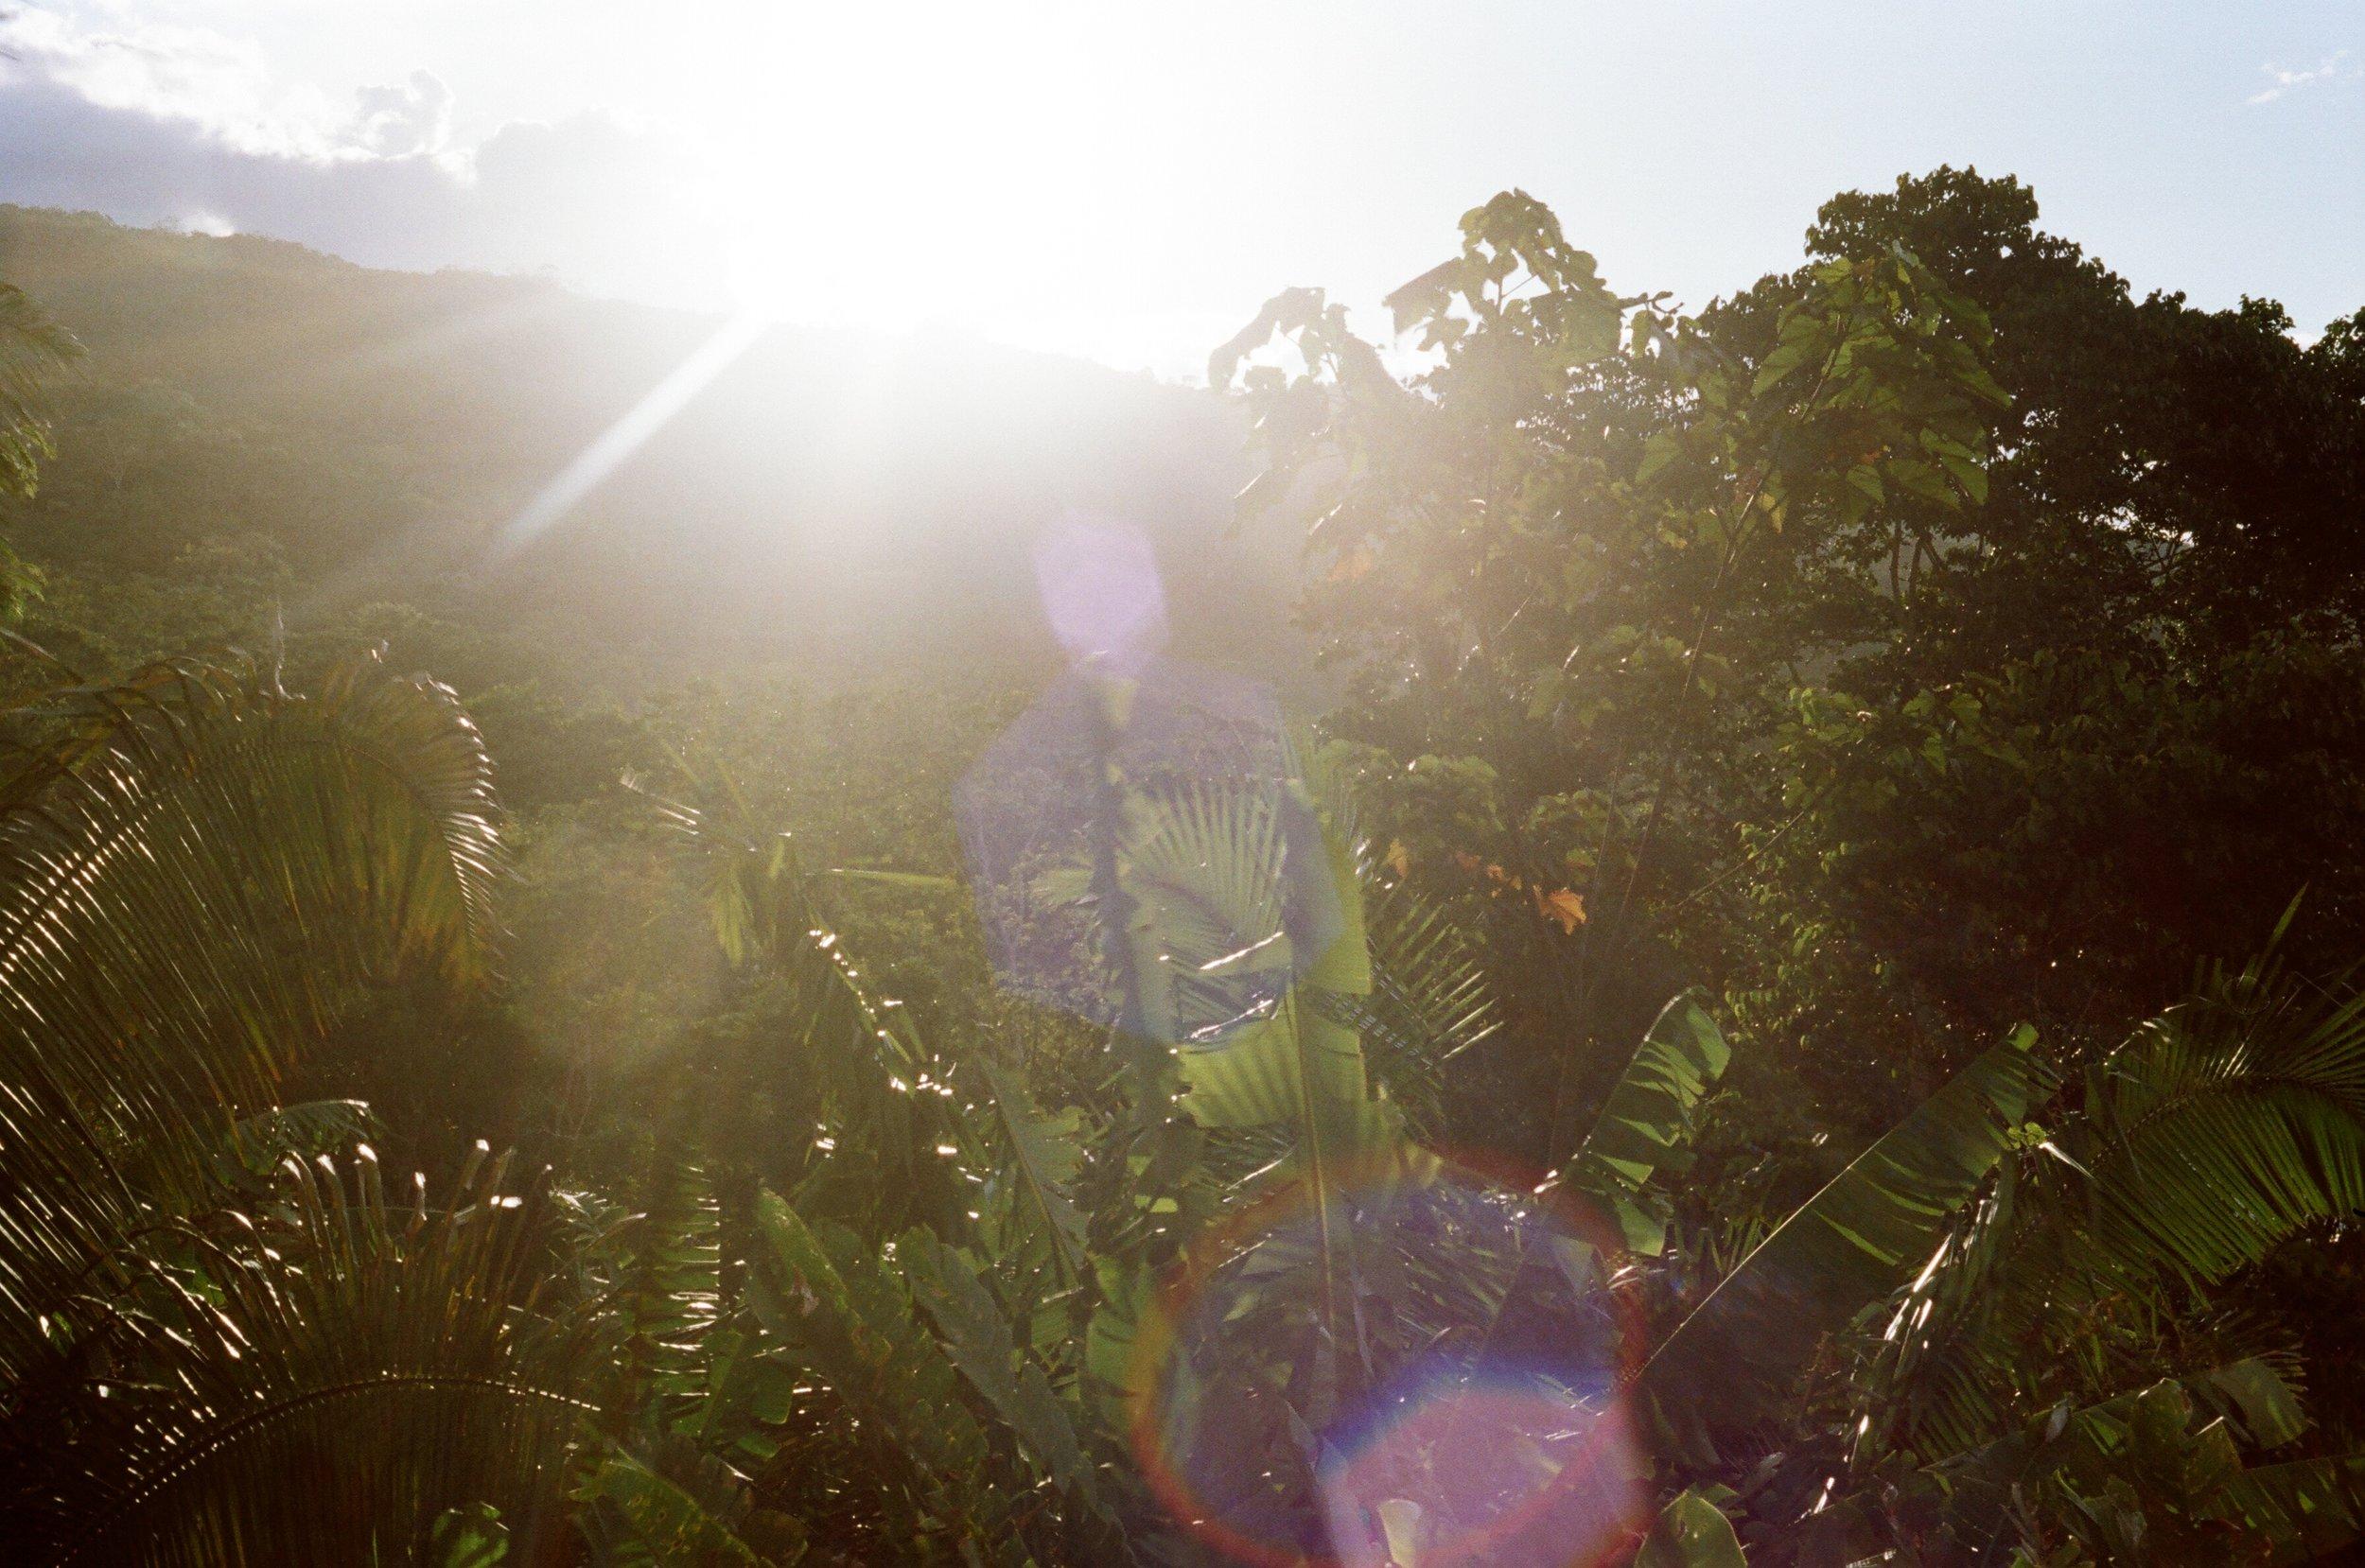 Retrouver un équilibre de vie par le yoga et des conseils liés aux plantes - EN entreprise